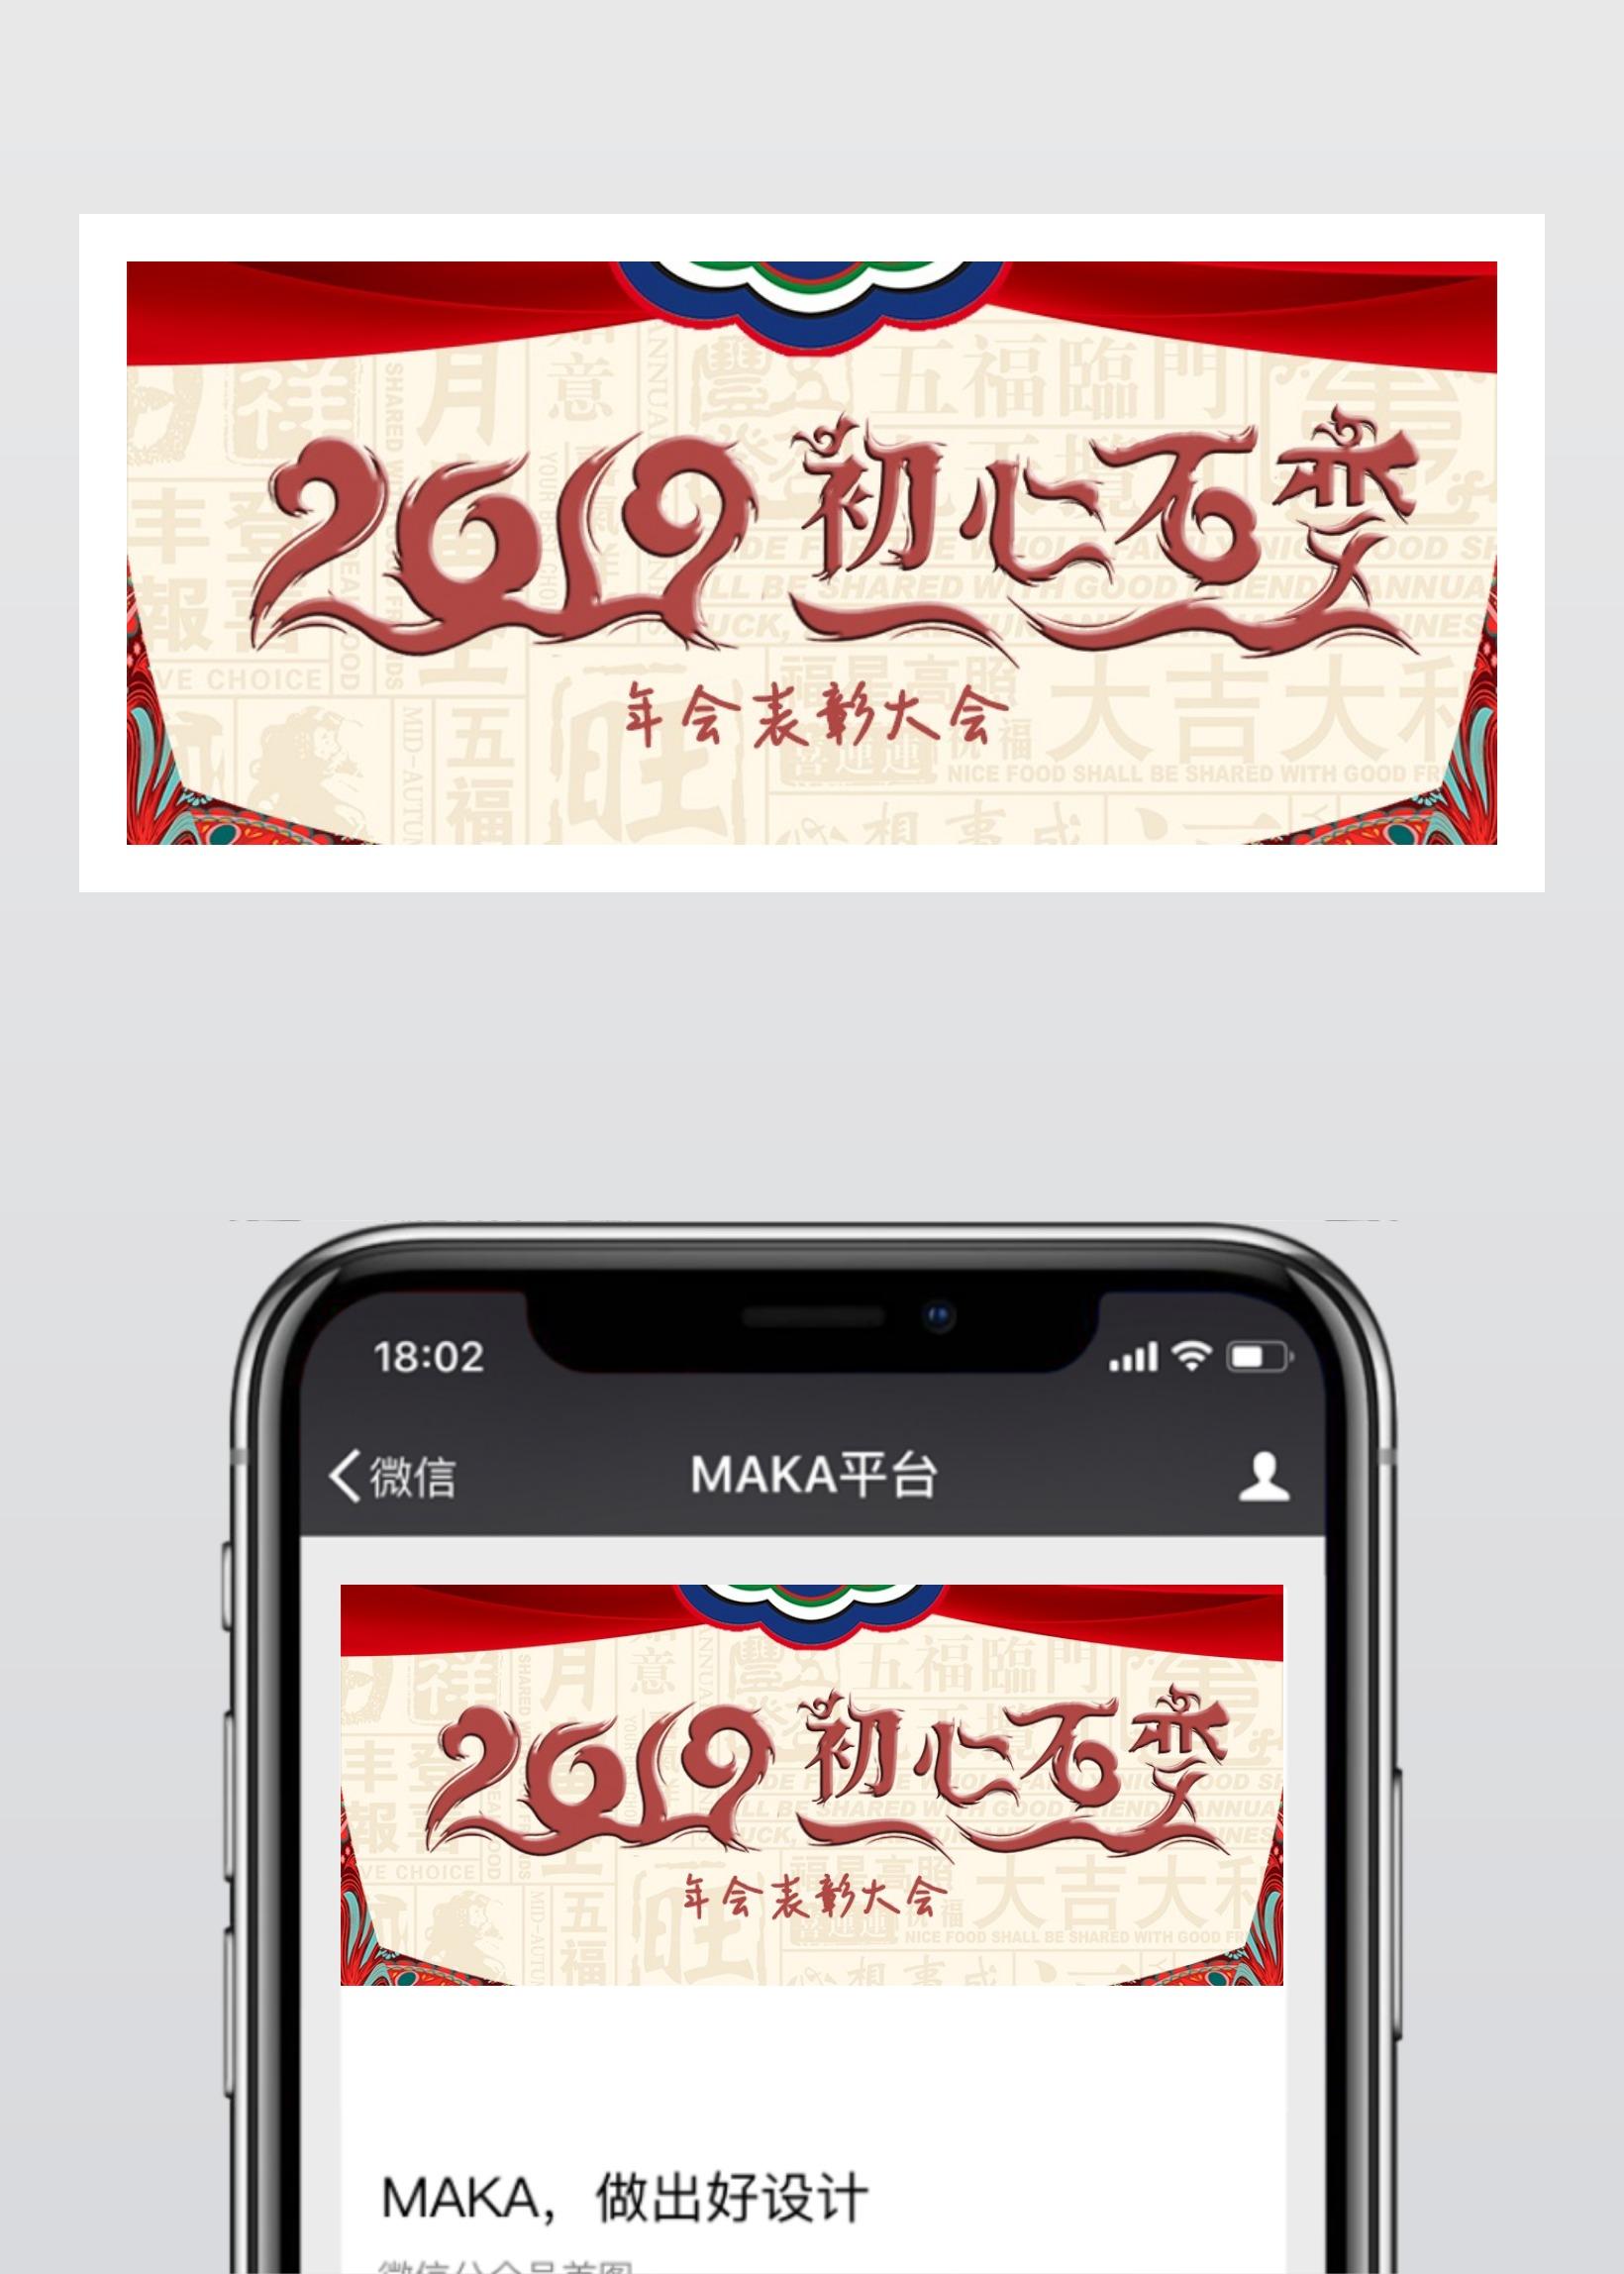 2019 元旦快乐 猪年快乐 喜庆2019元旦快乐字体设计公众号封面 微信